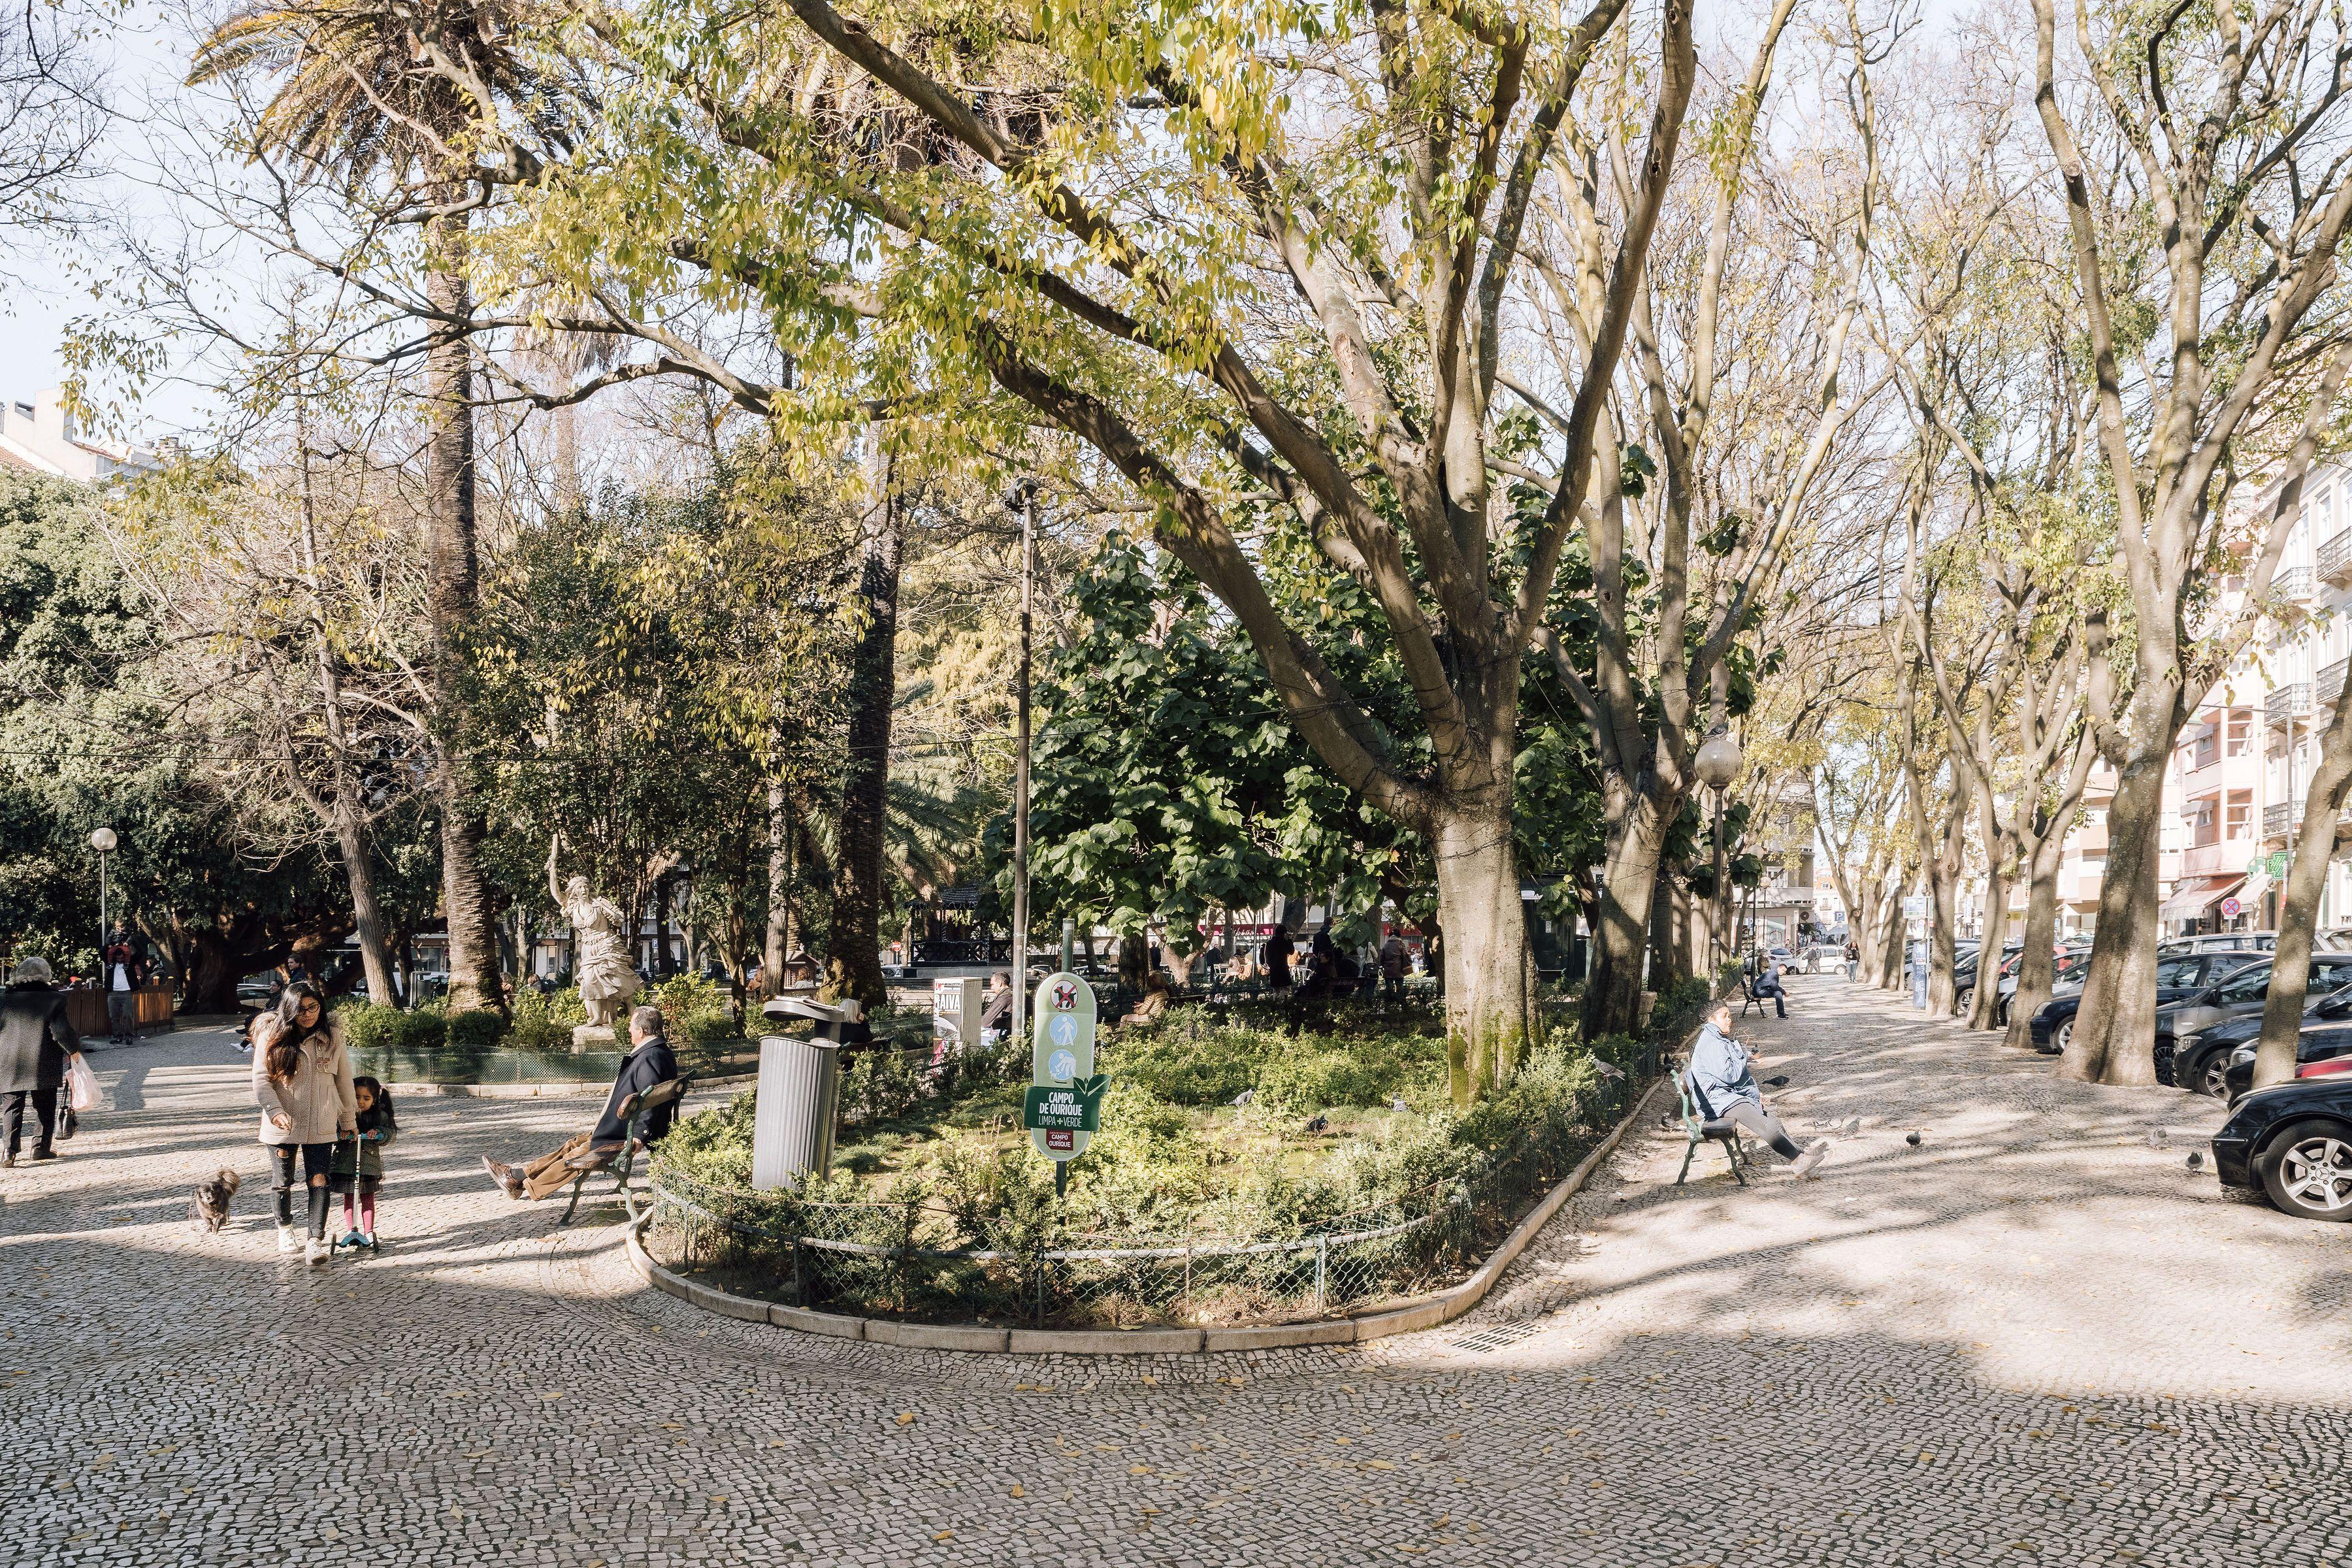 A public park in Lisbon